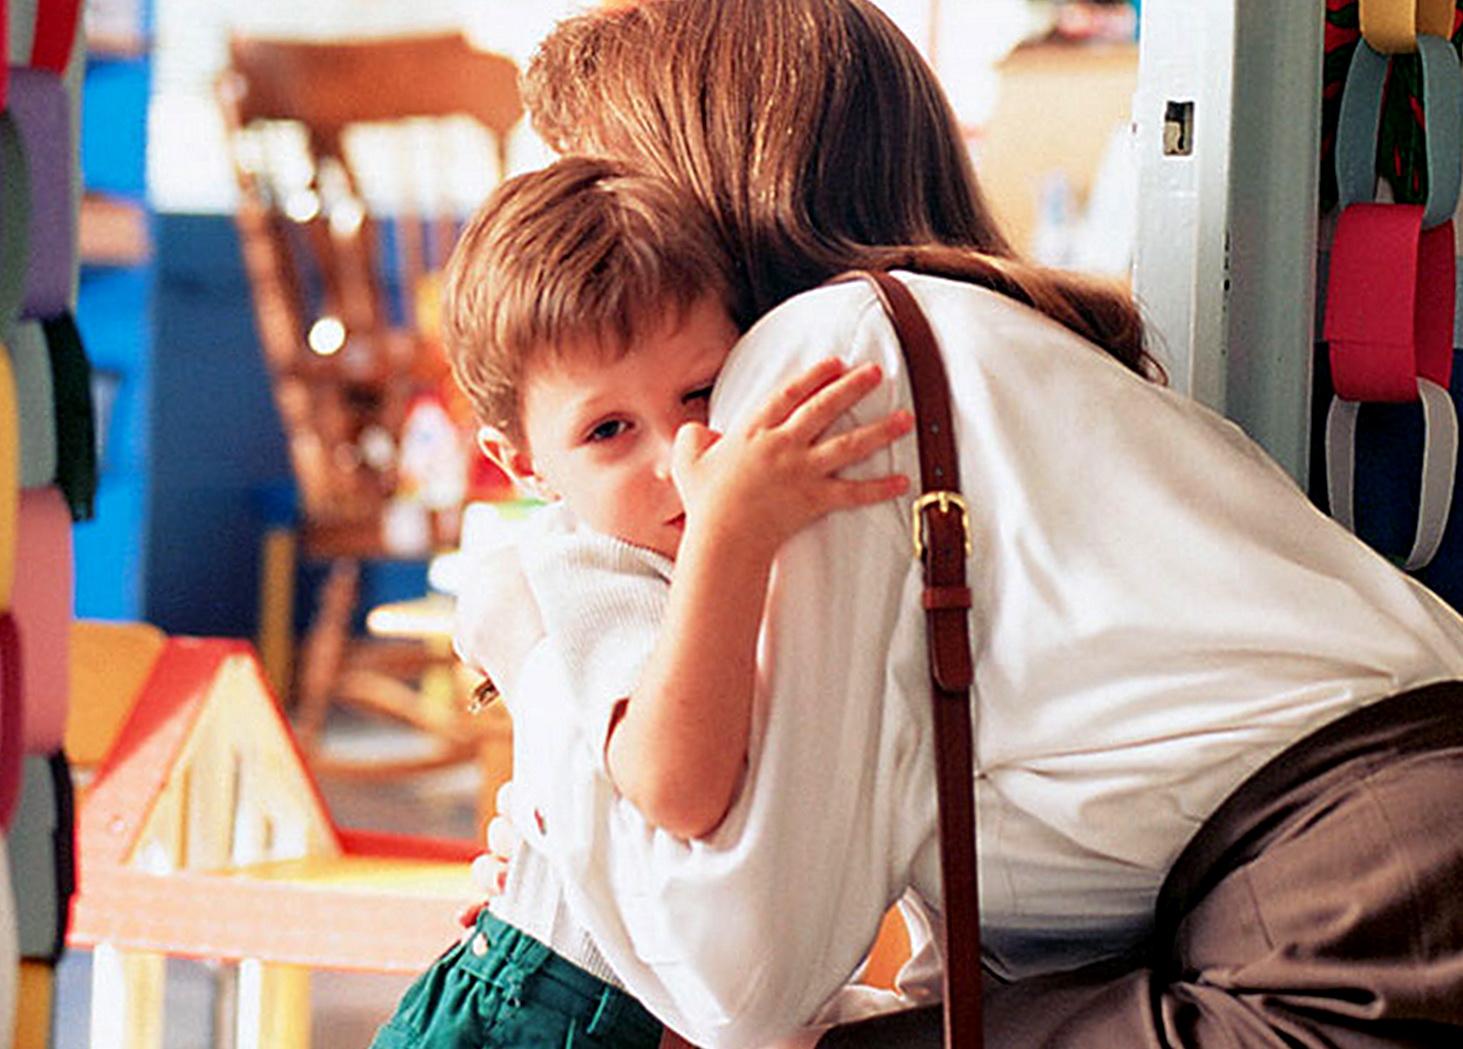 РОДІС: Адаптація дитини до дитячого садка. 10 порад психолога